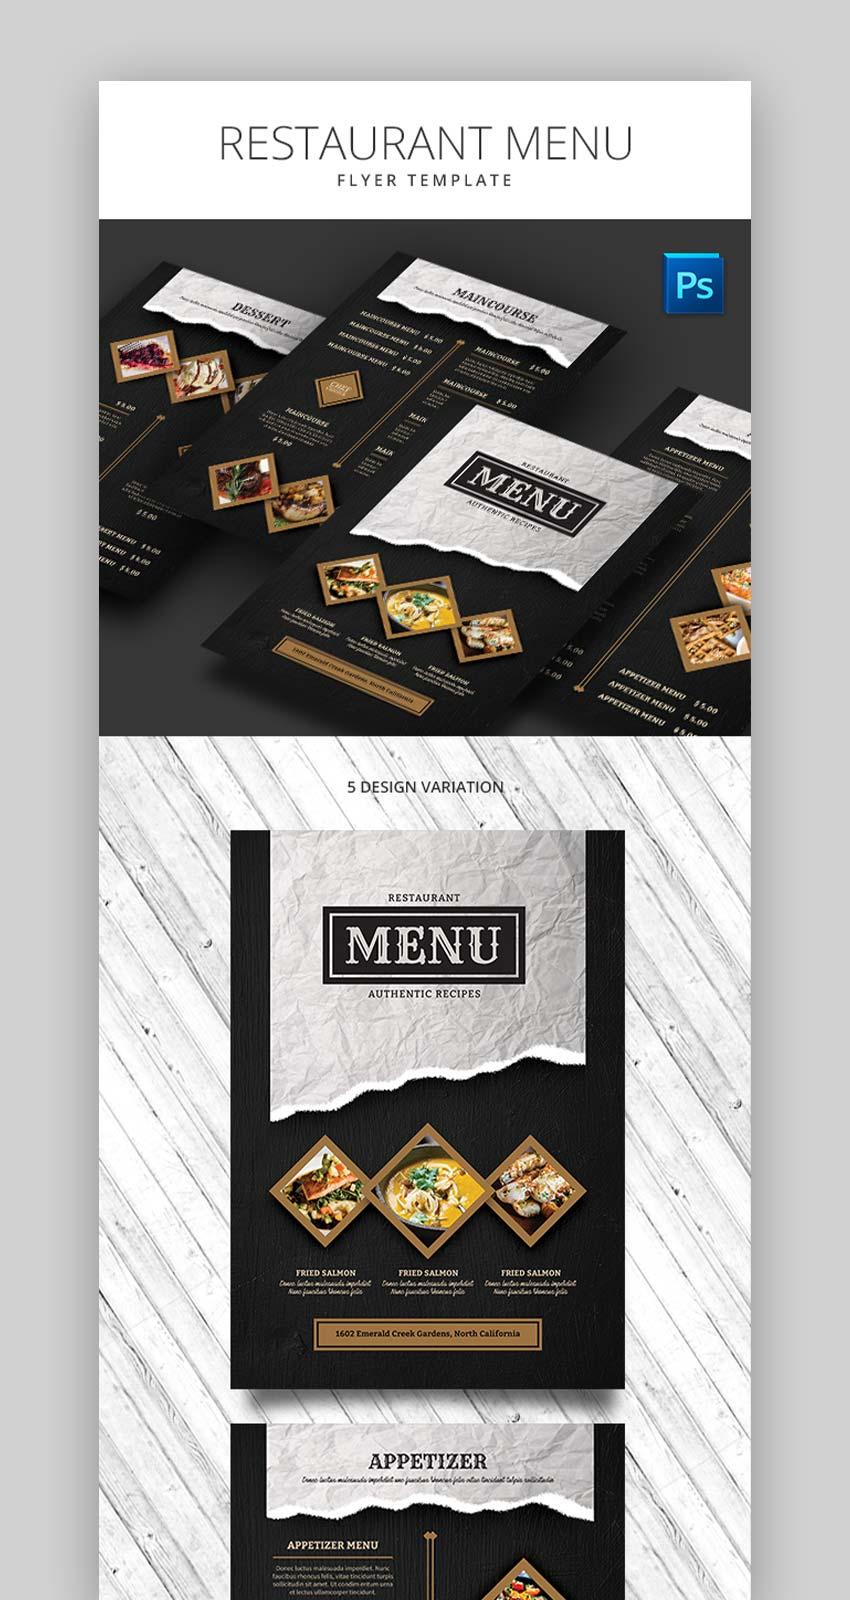 Restaurant Menu Flyer Template